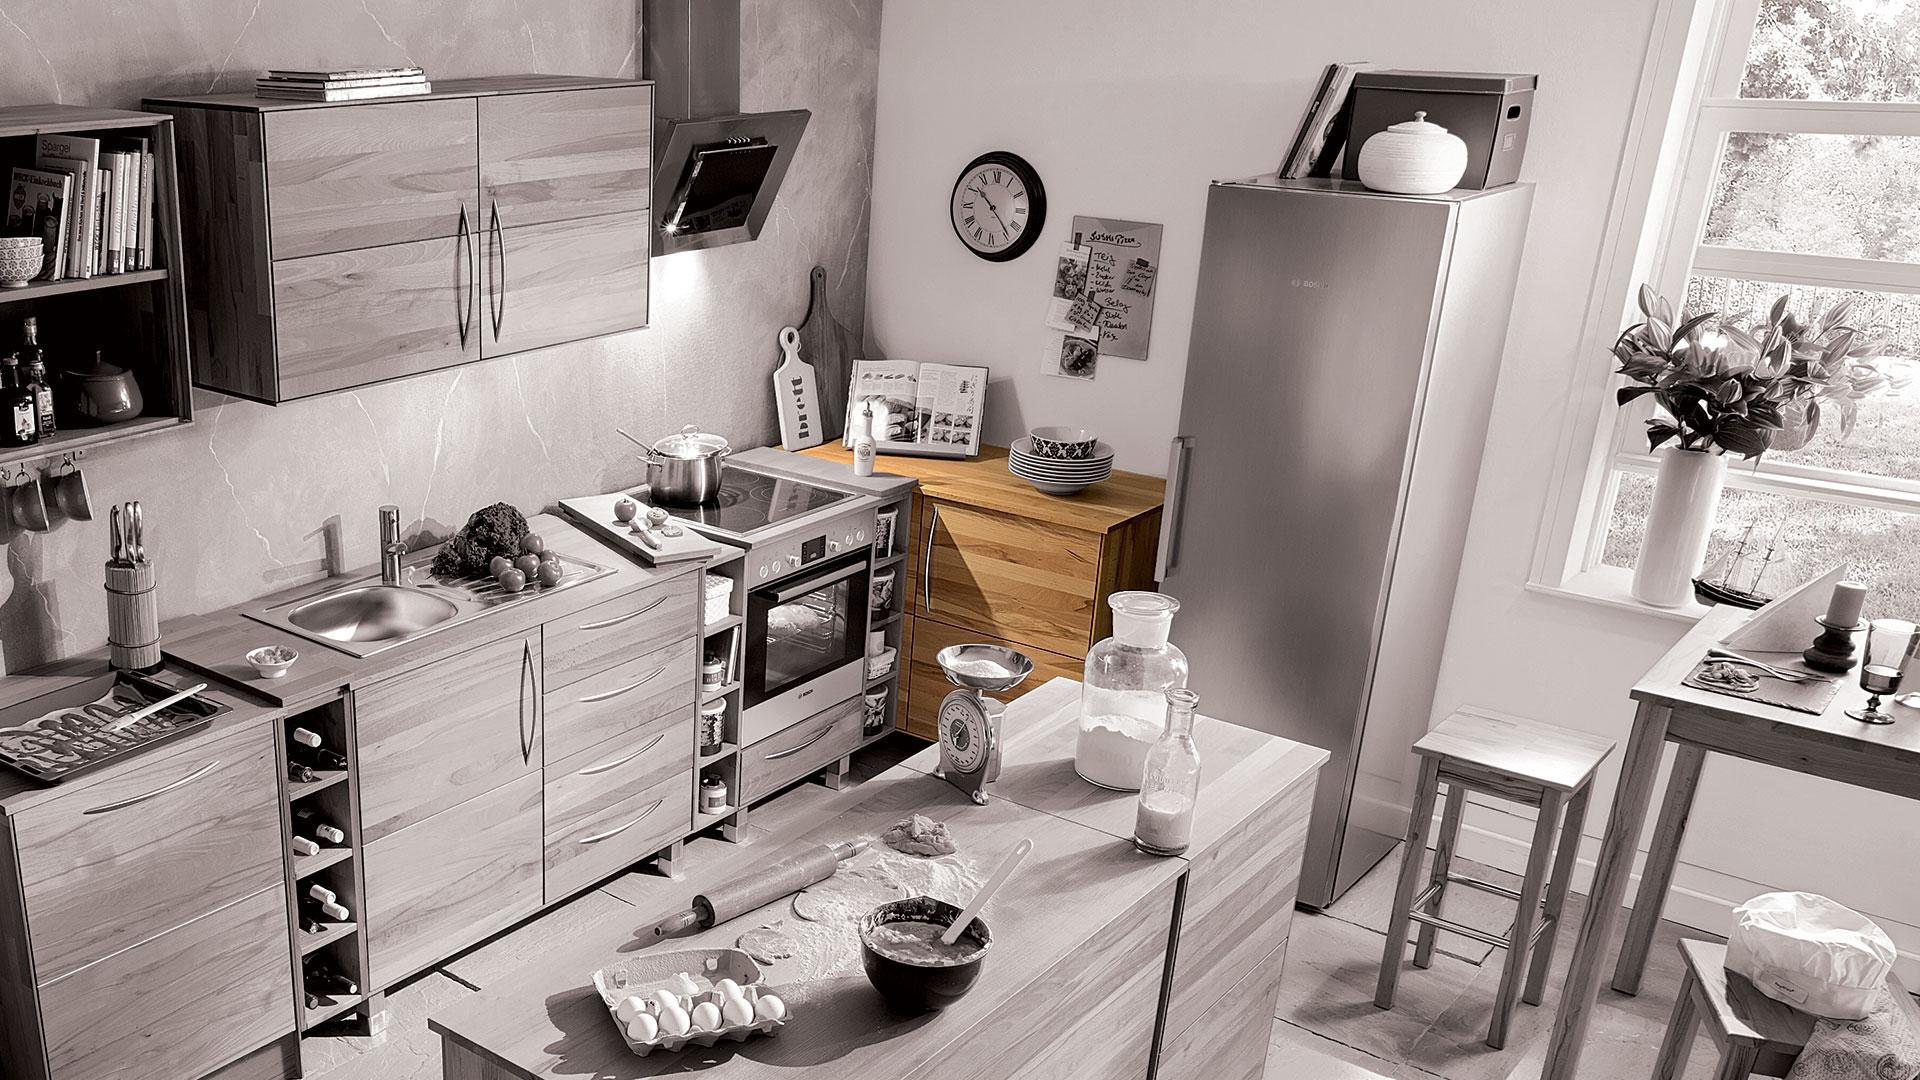 Full Size of Modulküche Gebraucht Kchen Eckunterschrank Culinara 100 Massivholz Gebrauchte Einbauküche Gebrauchtwagen Bad Kreuznach Küche Verkaufen Chesterfield Sofa Wohnzimmer Modulküche Gebraucht